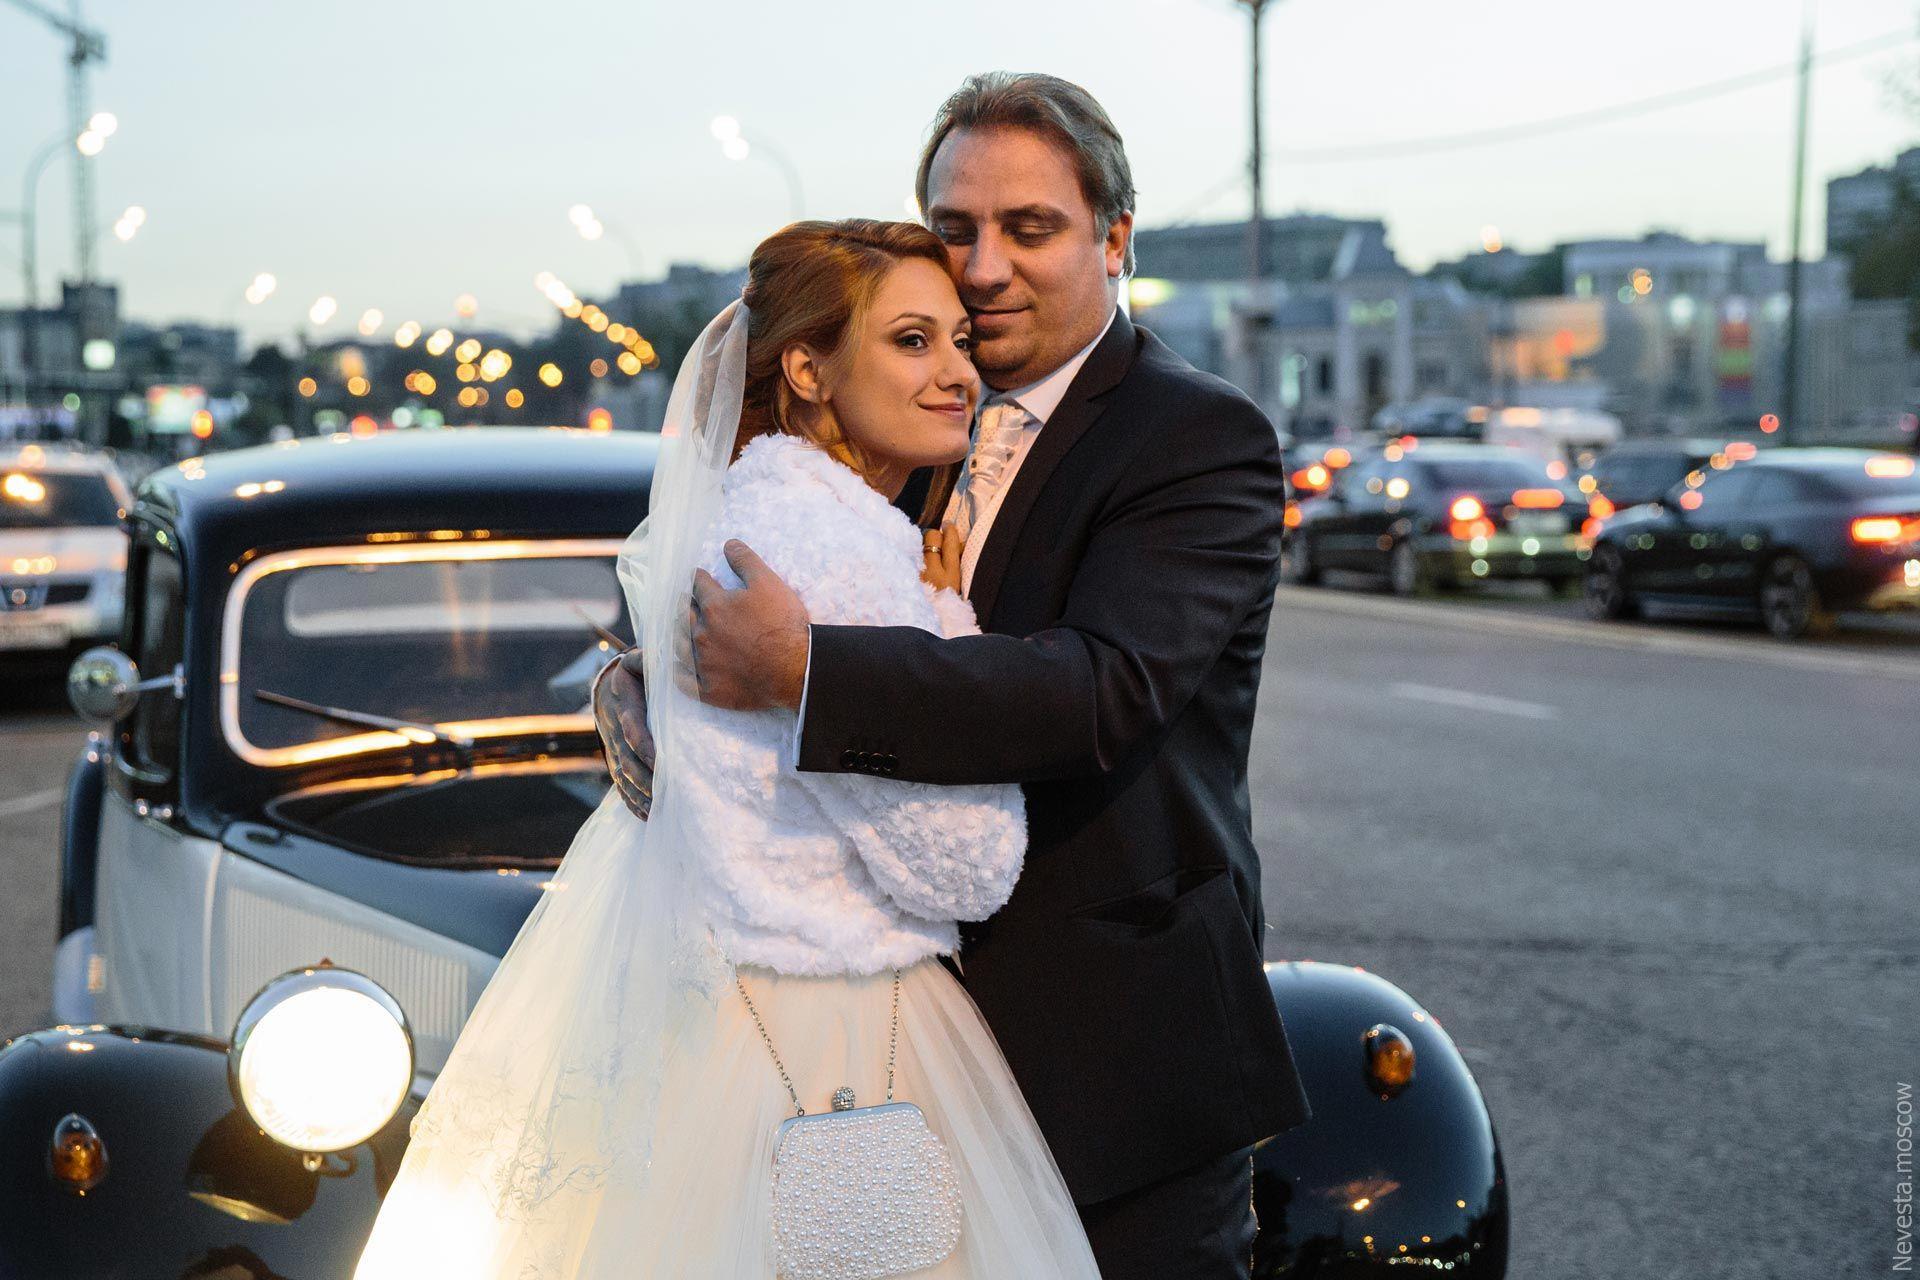 Свадьба Карины Мишулиной и Ивана Коробова, фото 6